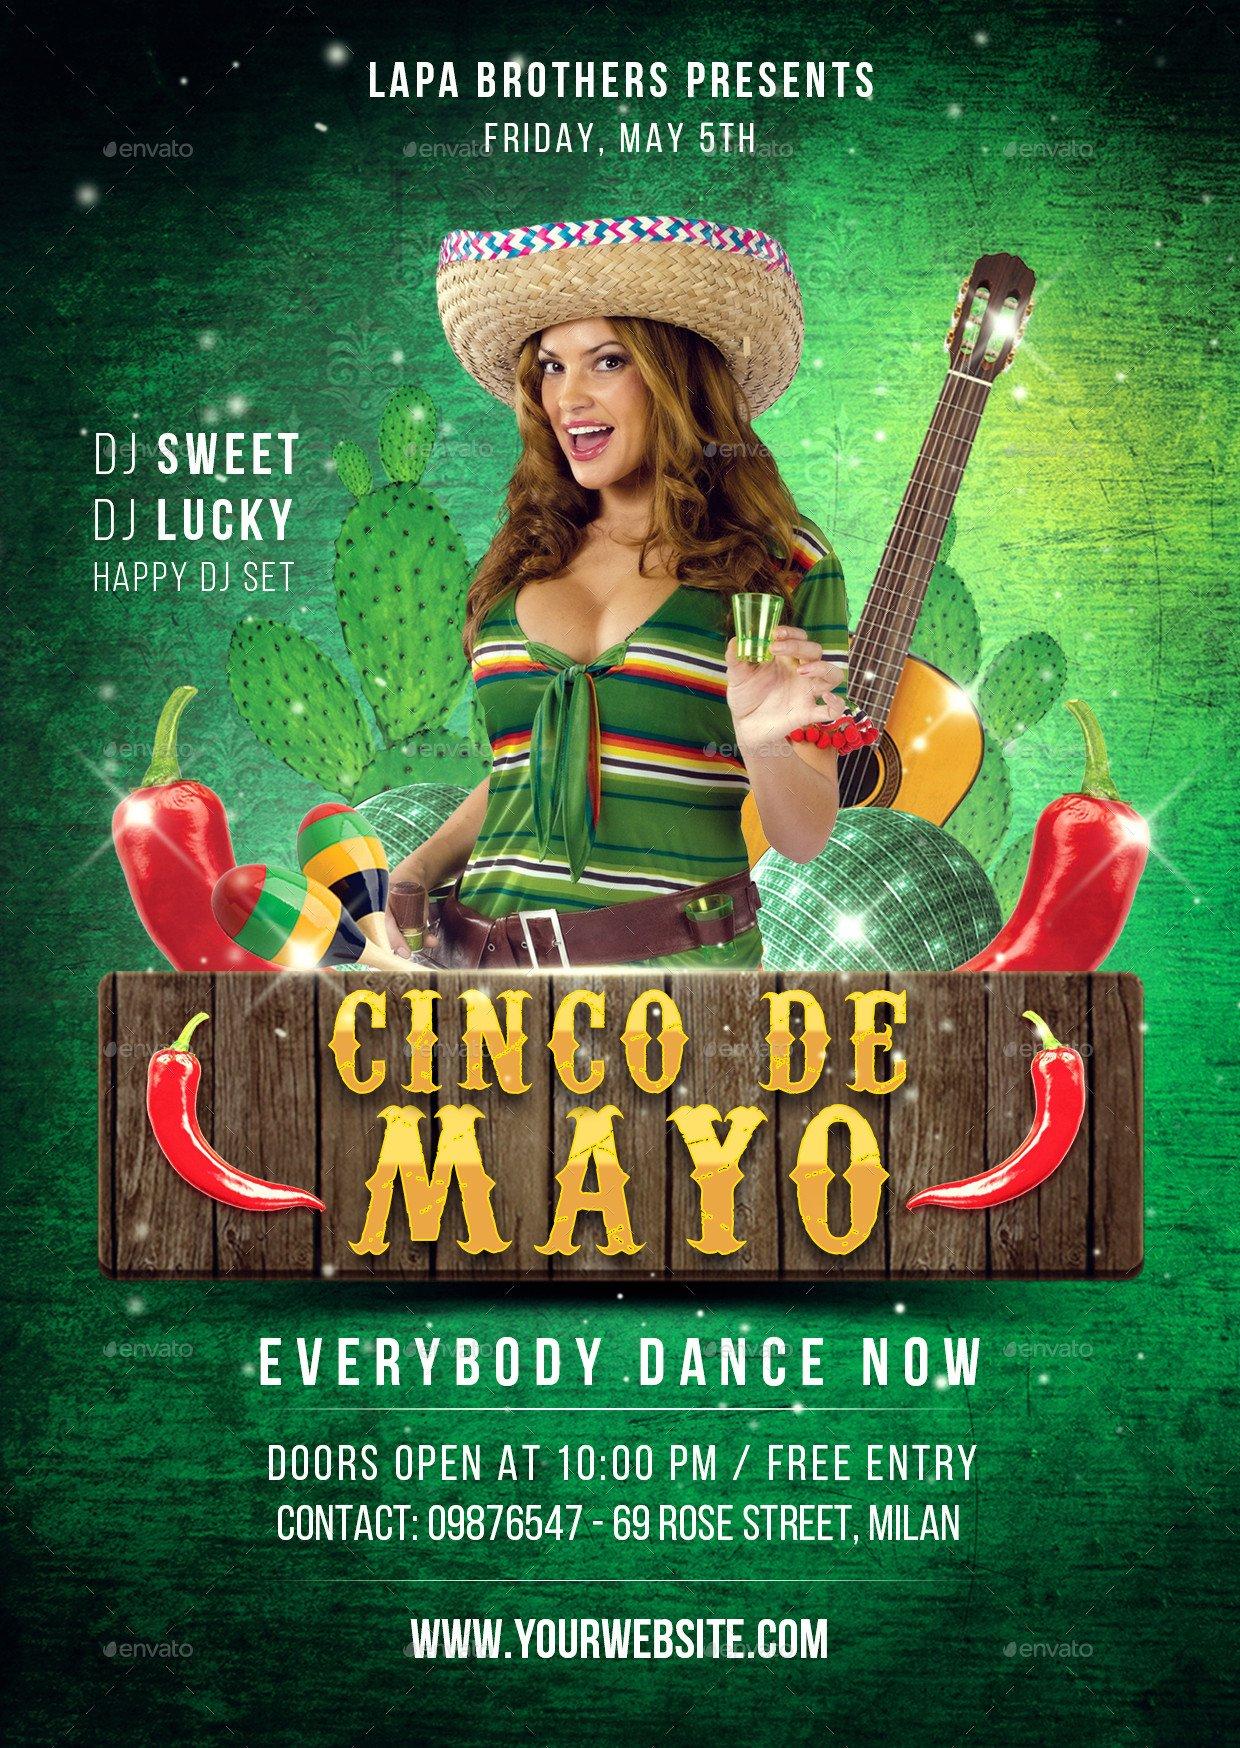 Cinco De Mayo Flyer Cinco De Mayo Flyer Template by Lapabrothers